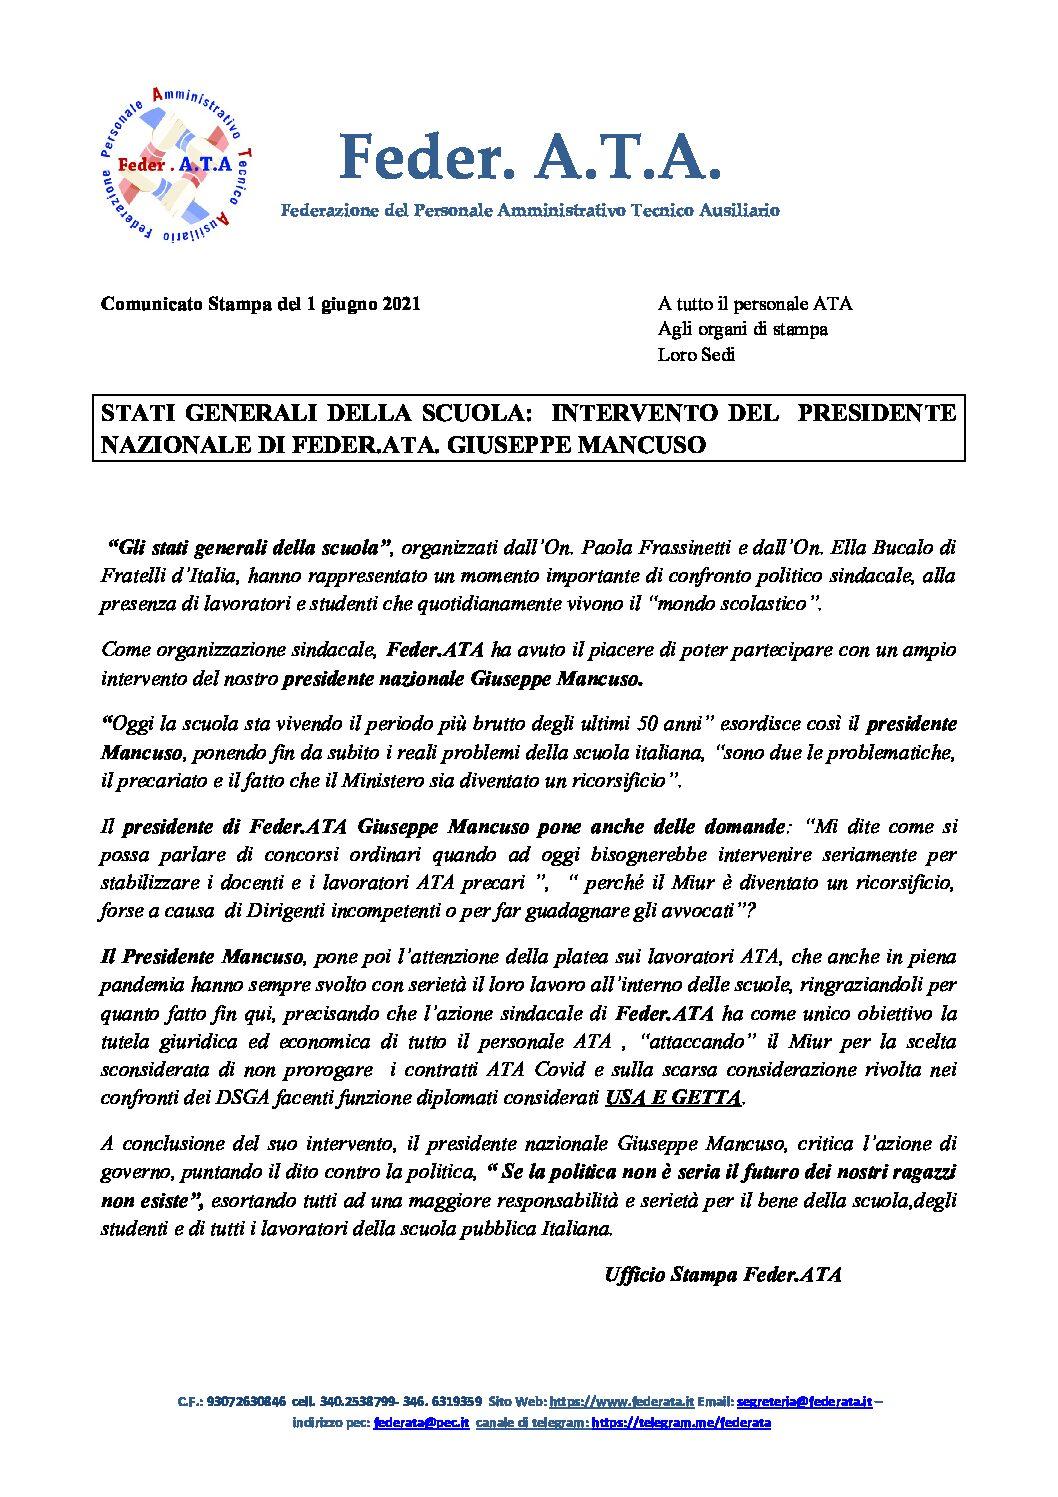 Comunicato stampa Stati generali della scuola